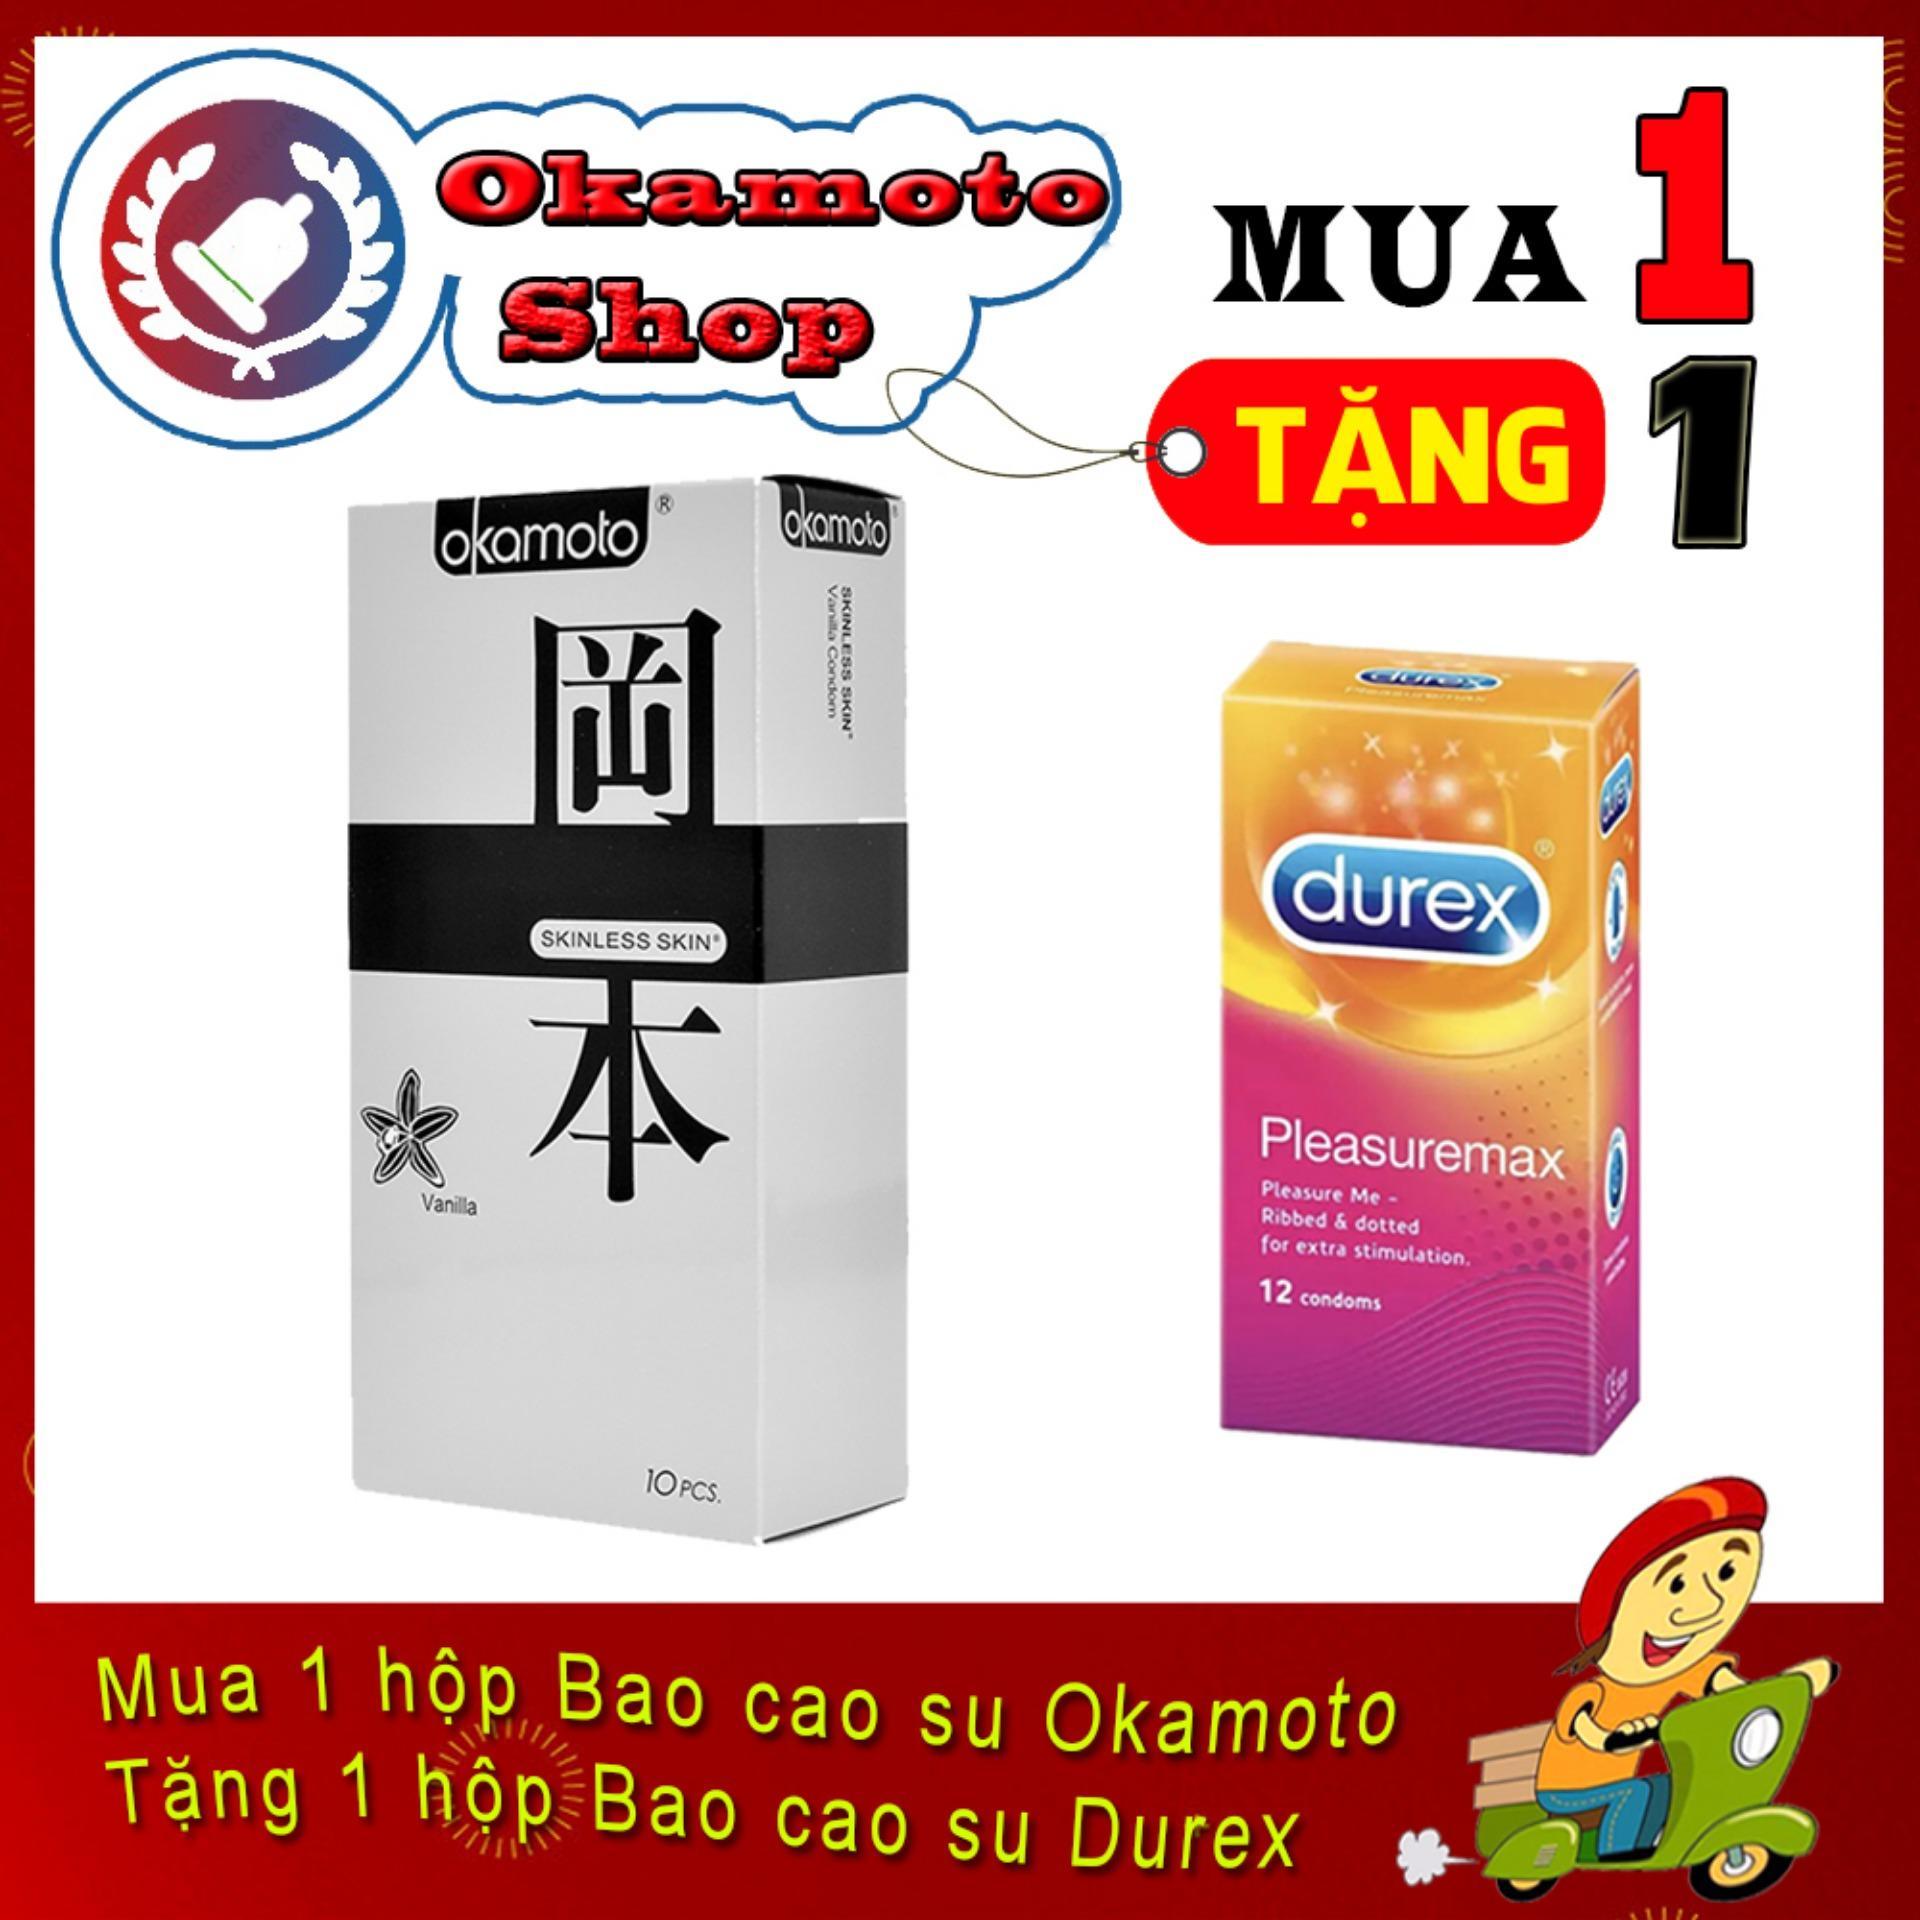 [Mua 1 tặng 1] Bao Cao Su Okamoto Vanilla Hương Vani 10s - Tặng Bao cao su Durex Pleasuremax gân gai 12s